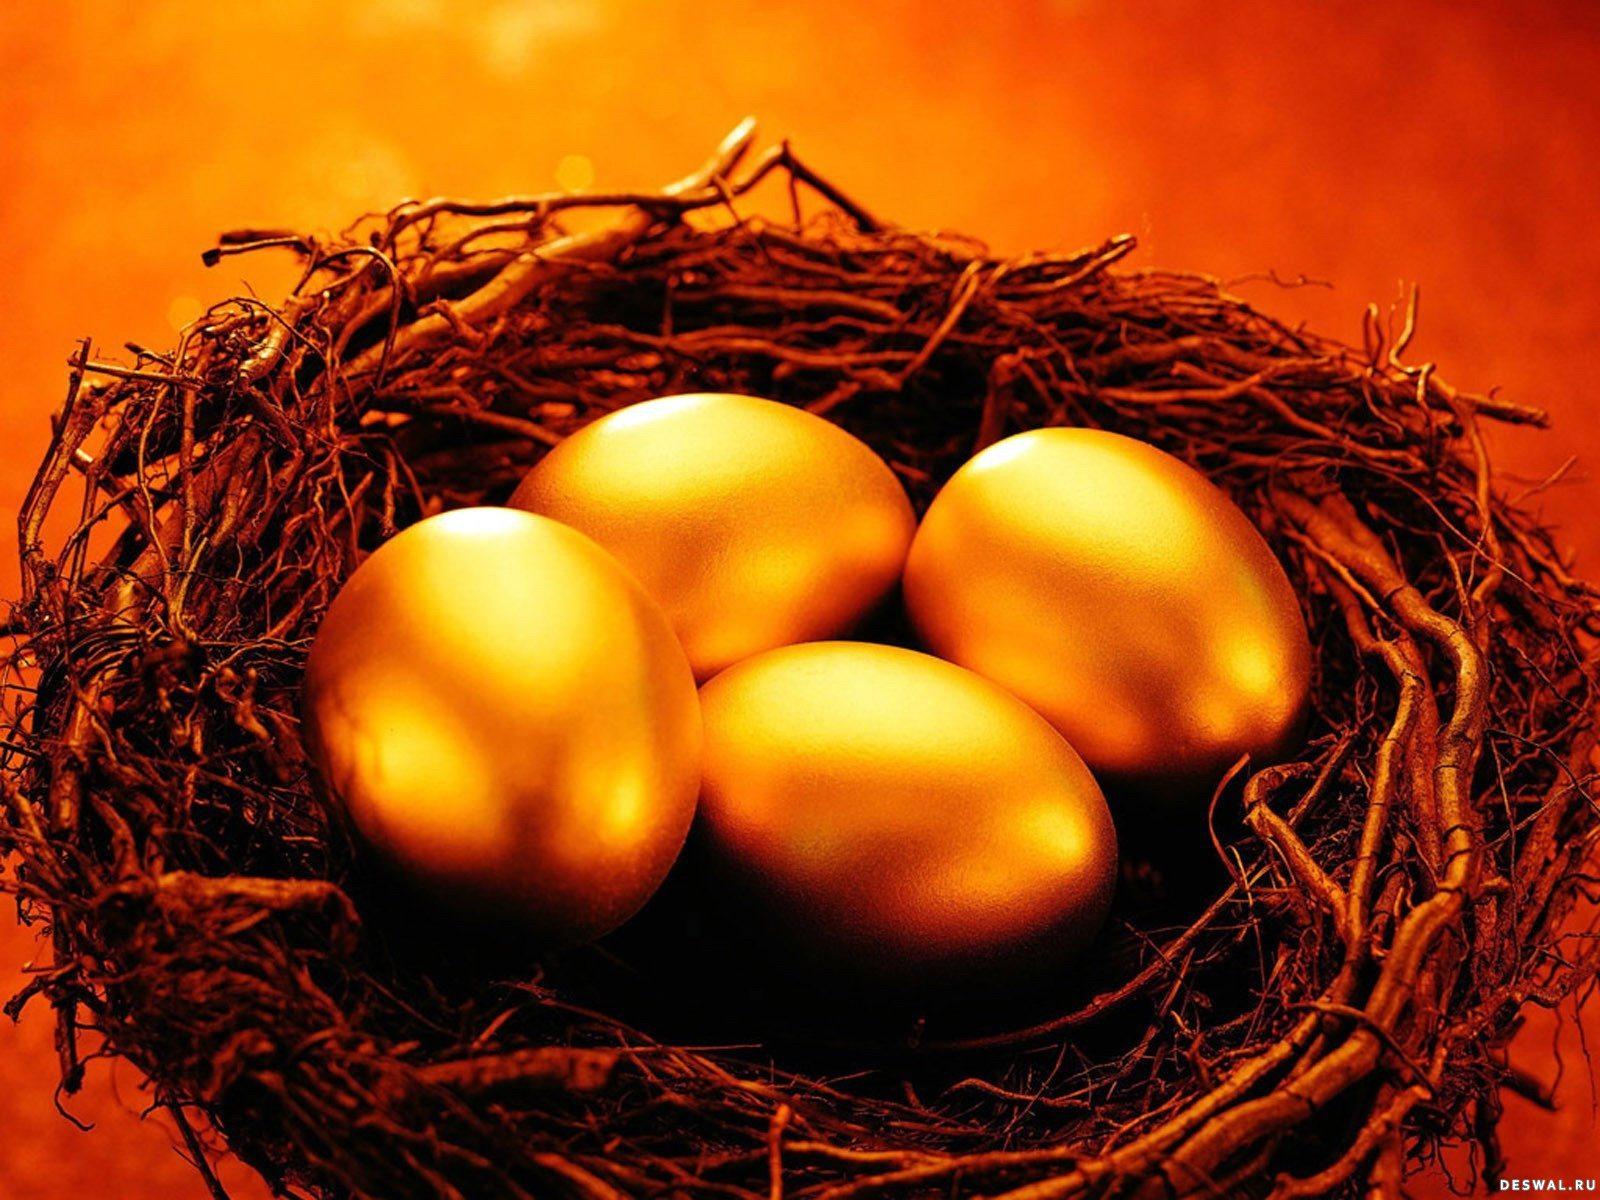 Золотые яйца в гнезде